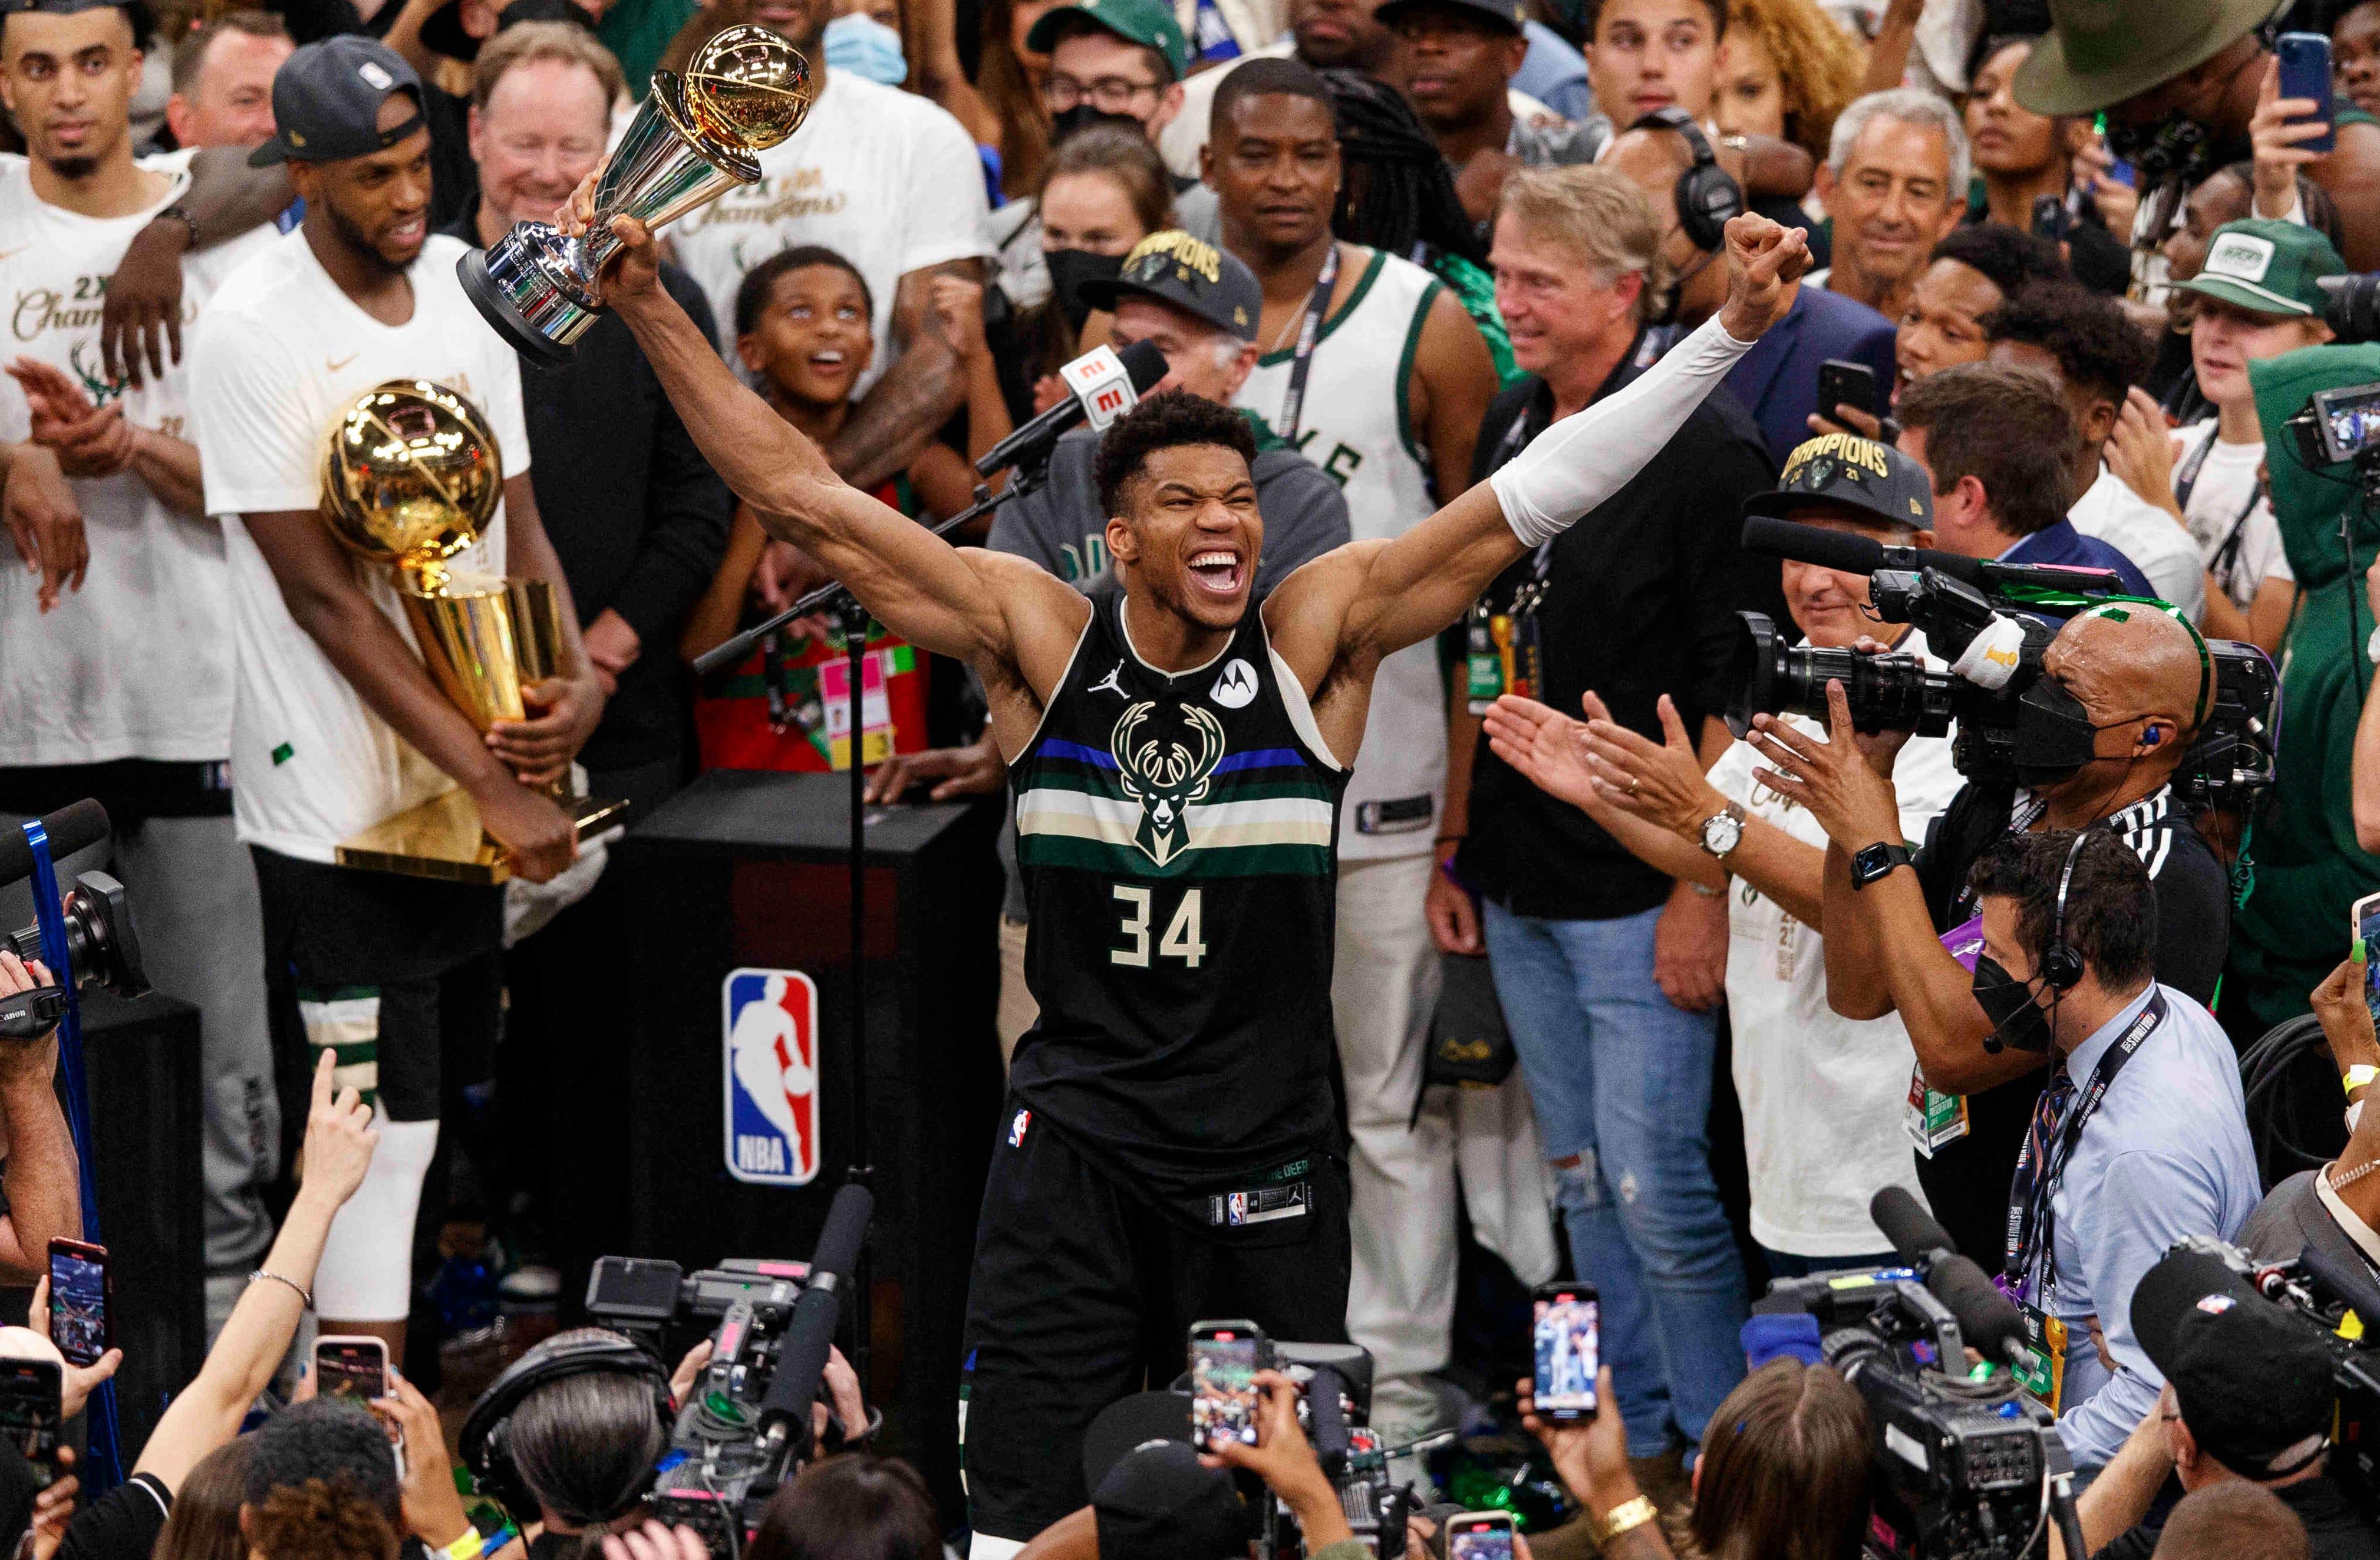 NBA star, Giannis Antetokounmpo joins LeBron James and Michael Jordan after NBA title heroics with Milwaukee Bucks (Photos)